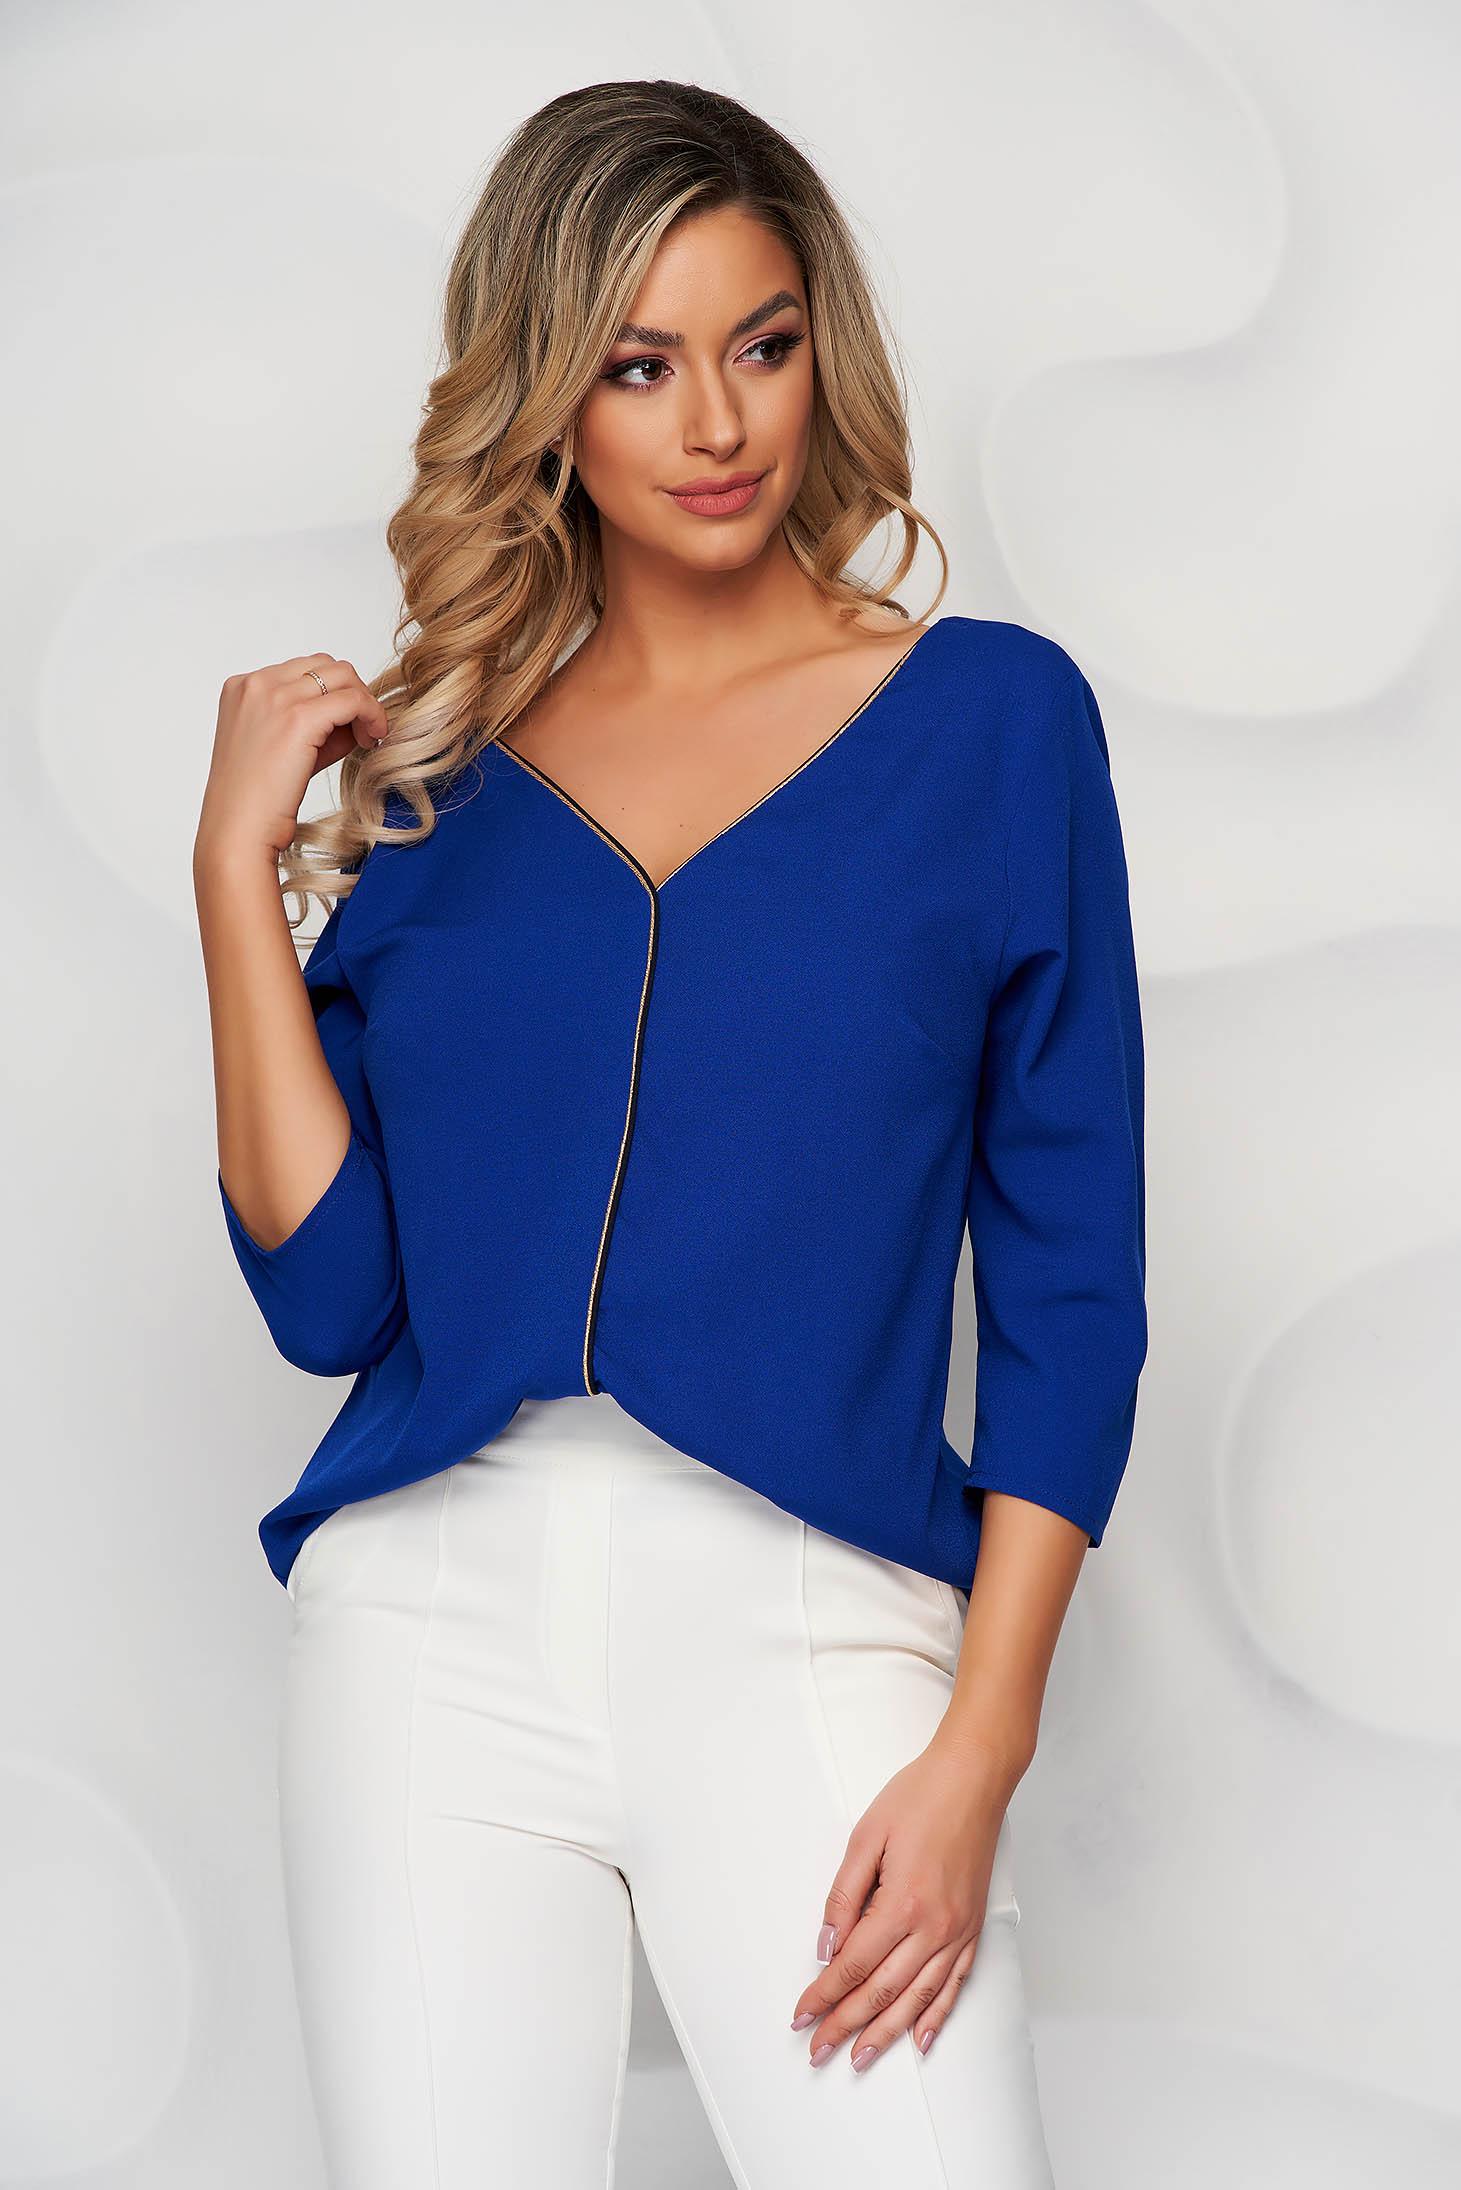 Blue women`s blouse v back neckline with glitter details loose fit